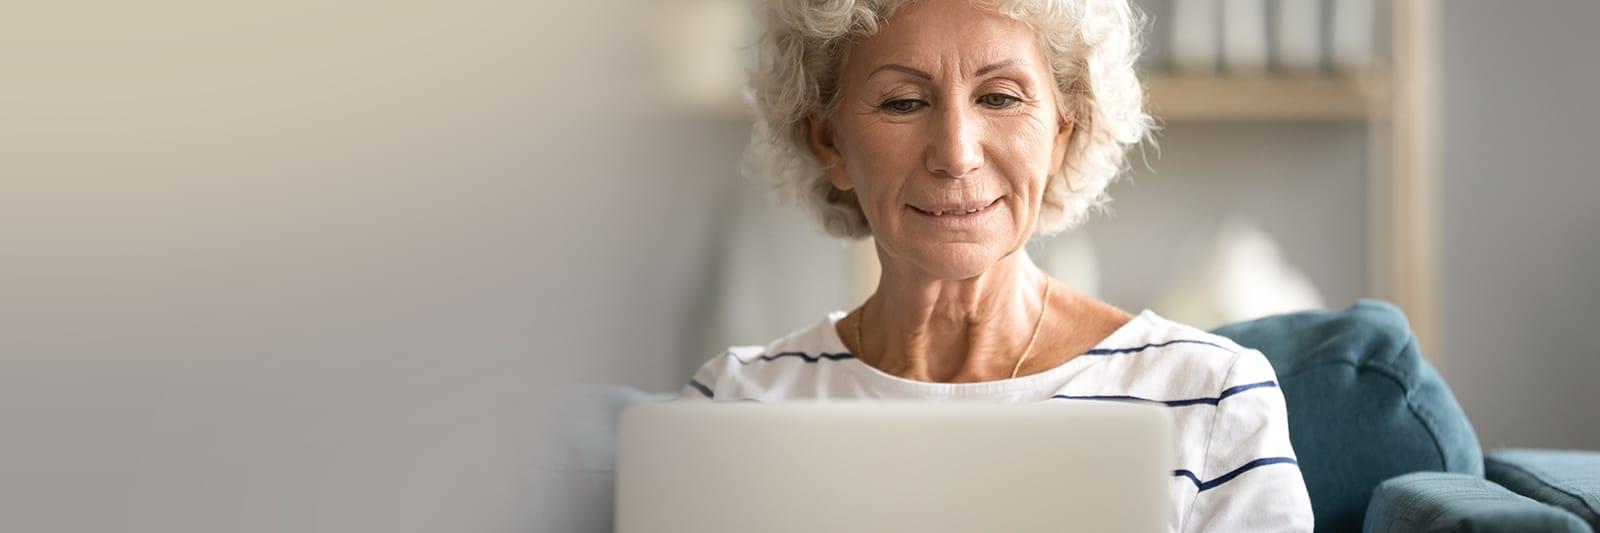 Reservieren Sie jetzt Medikamente online